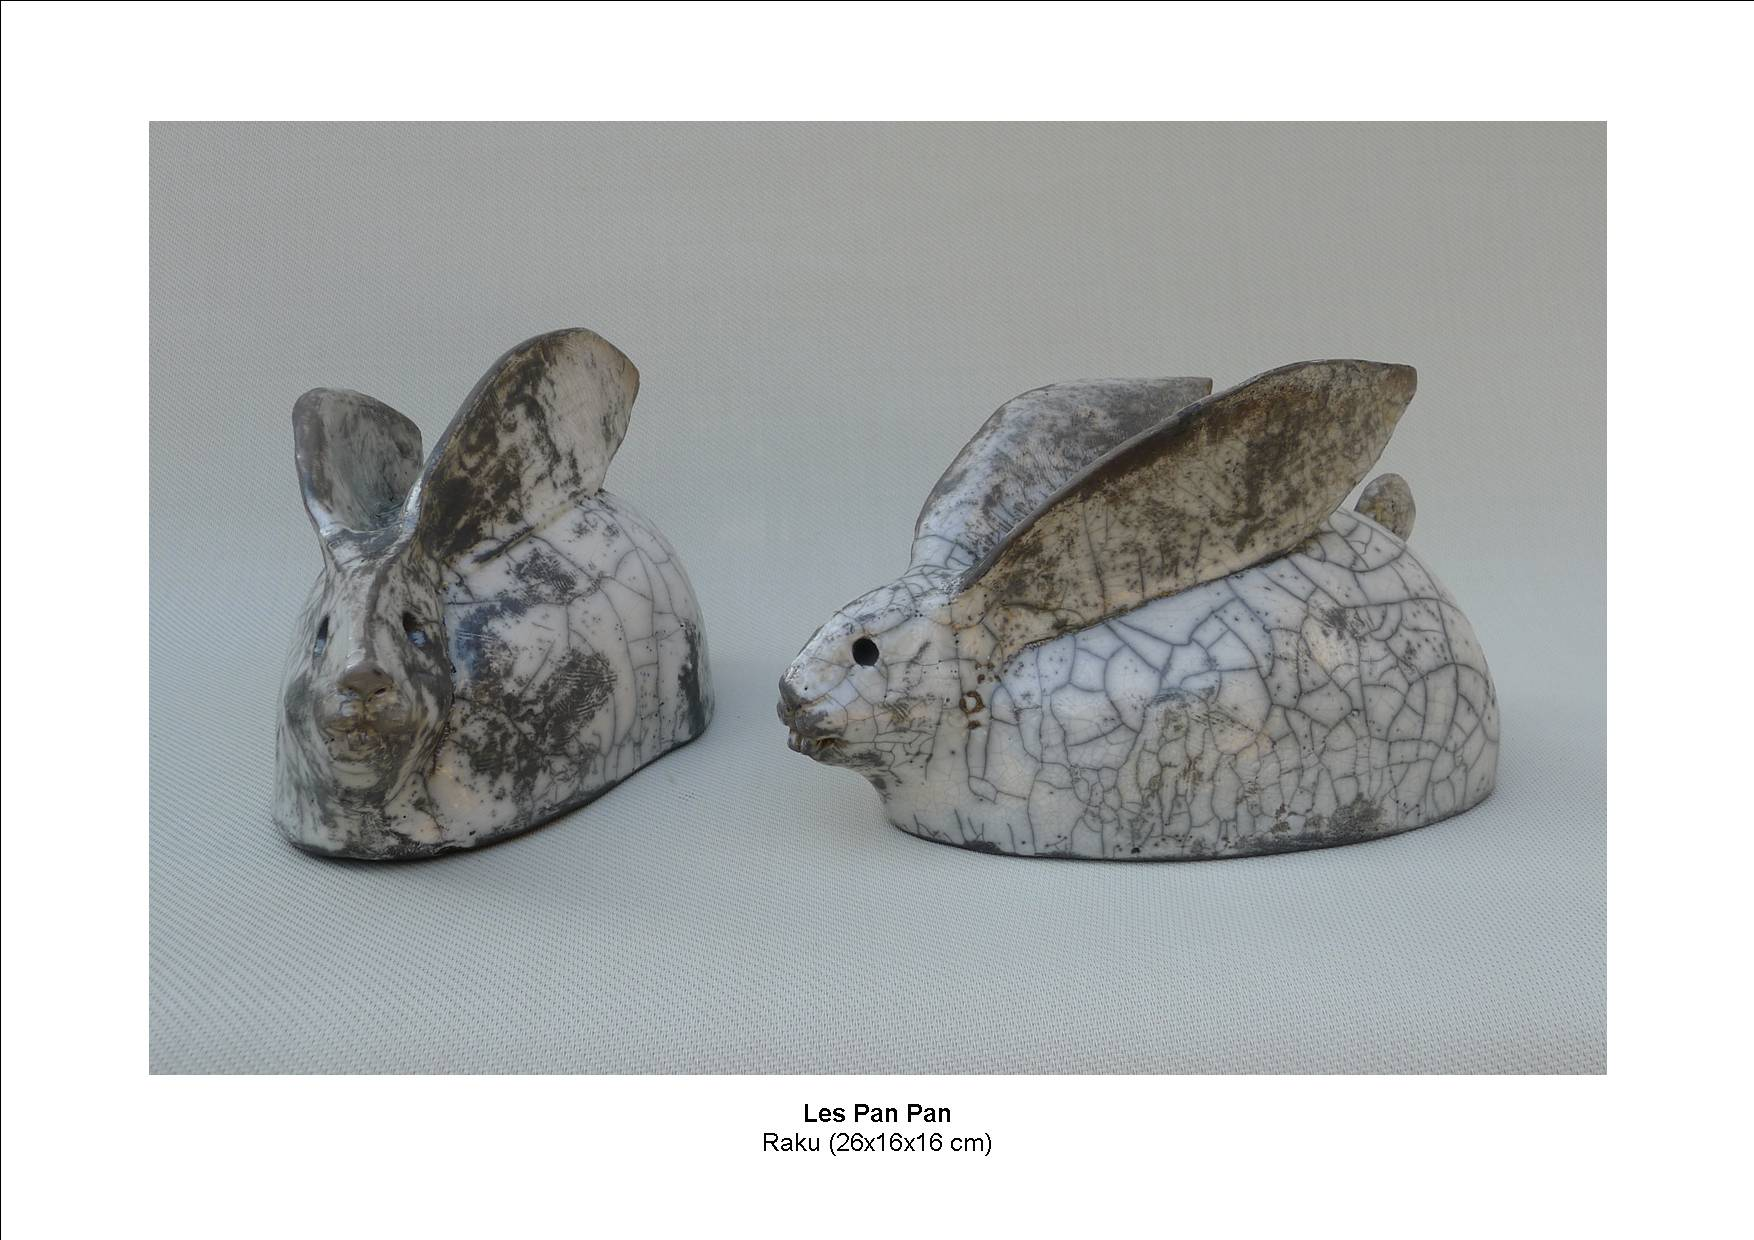 Les Pan Pan Olivier Adriansen Sculpteur